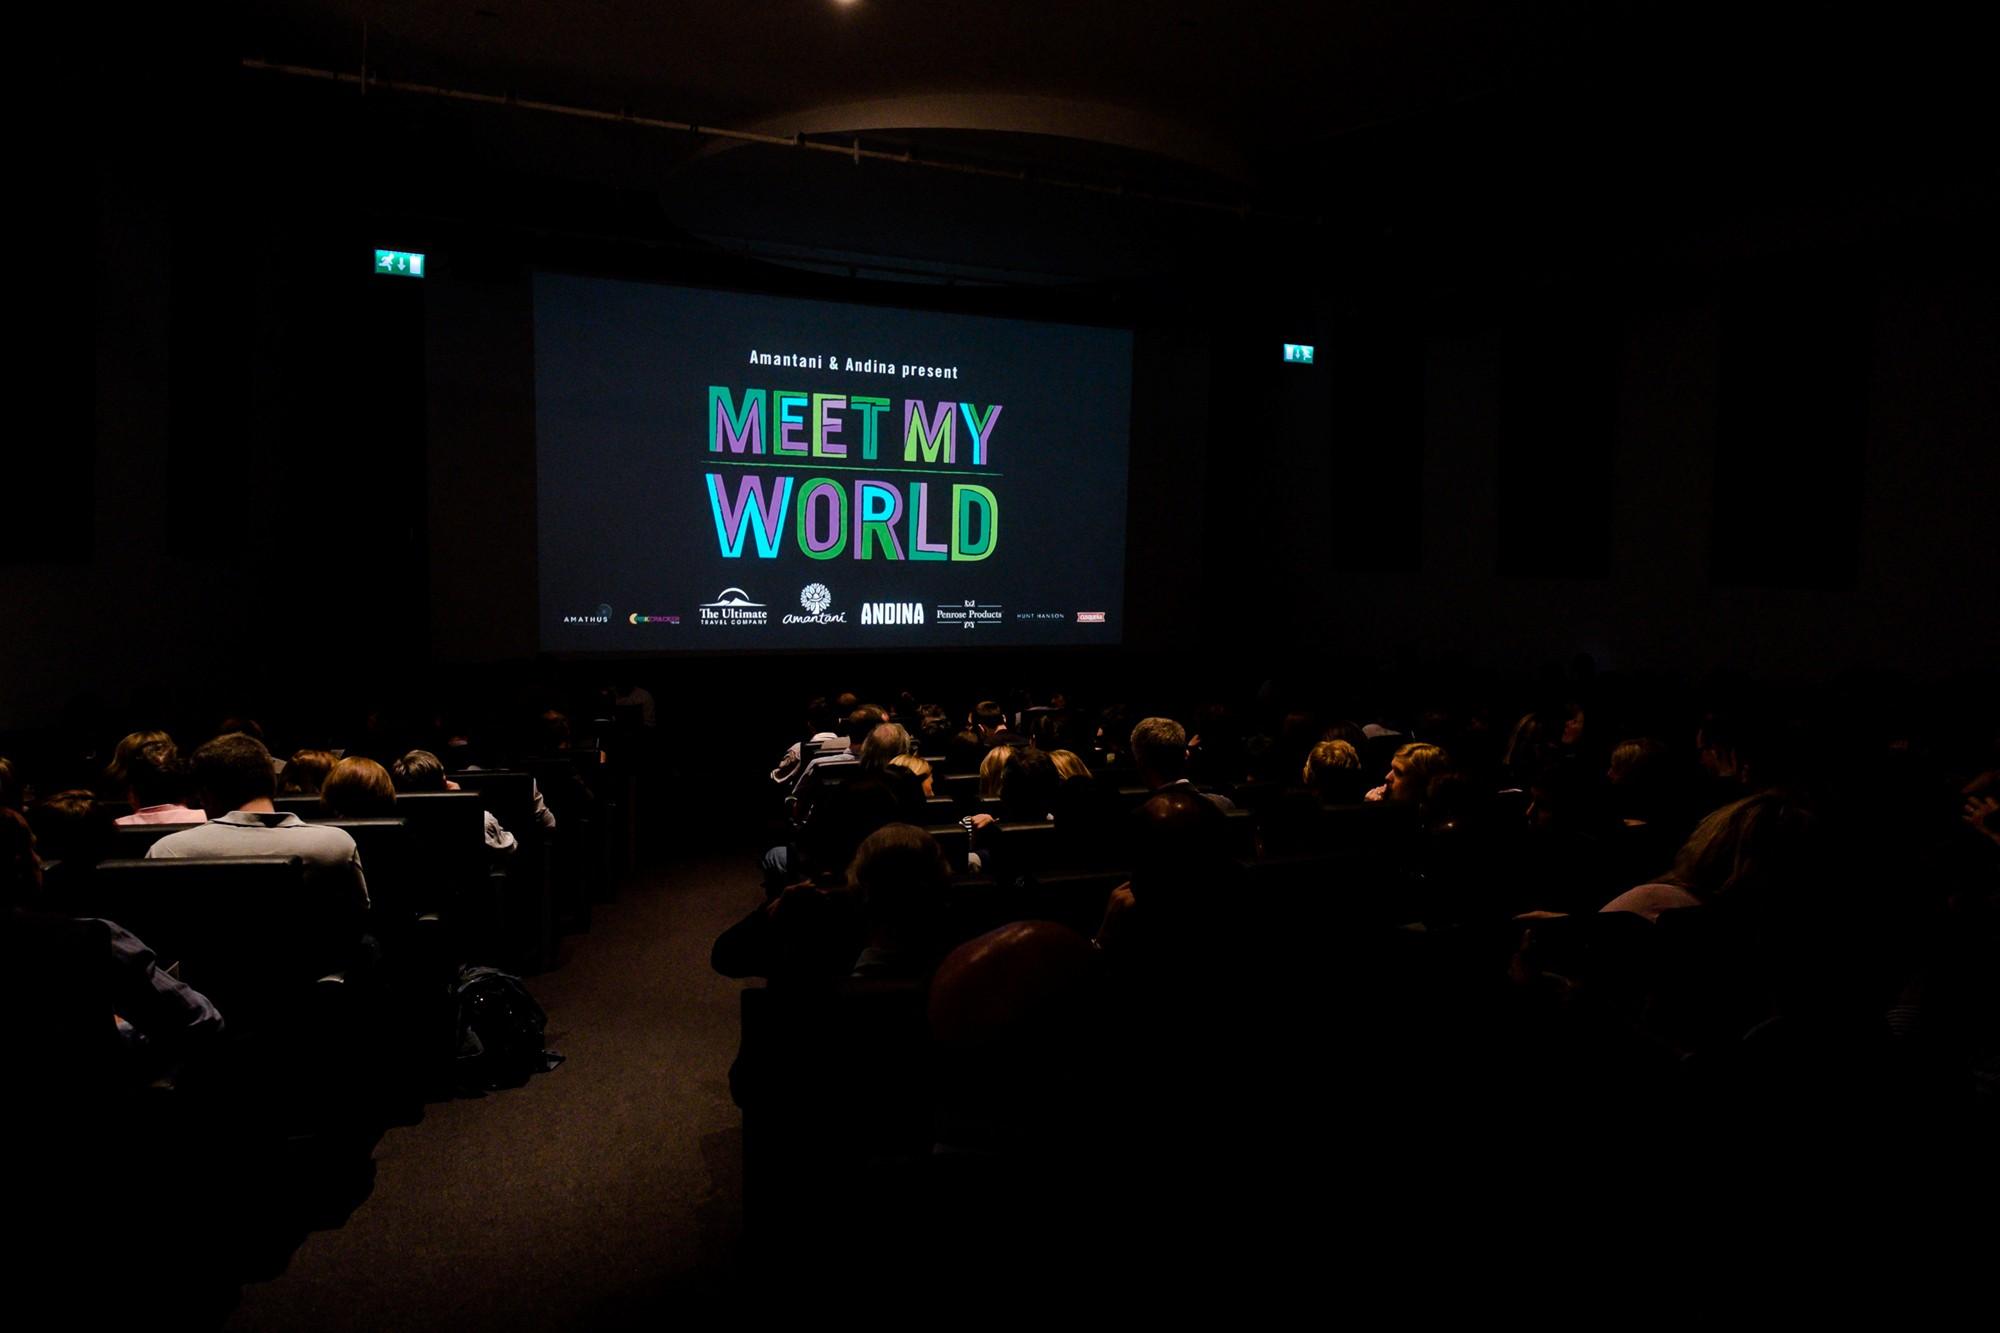 Los 600 invitados toman sus asientos listos para las películas que se mostrarán por primera vez.  (Foto: Melissa North)